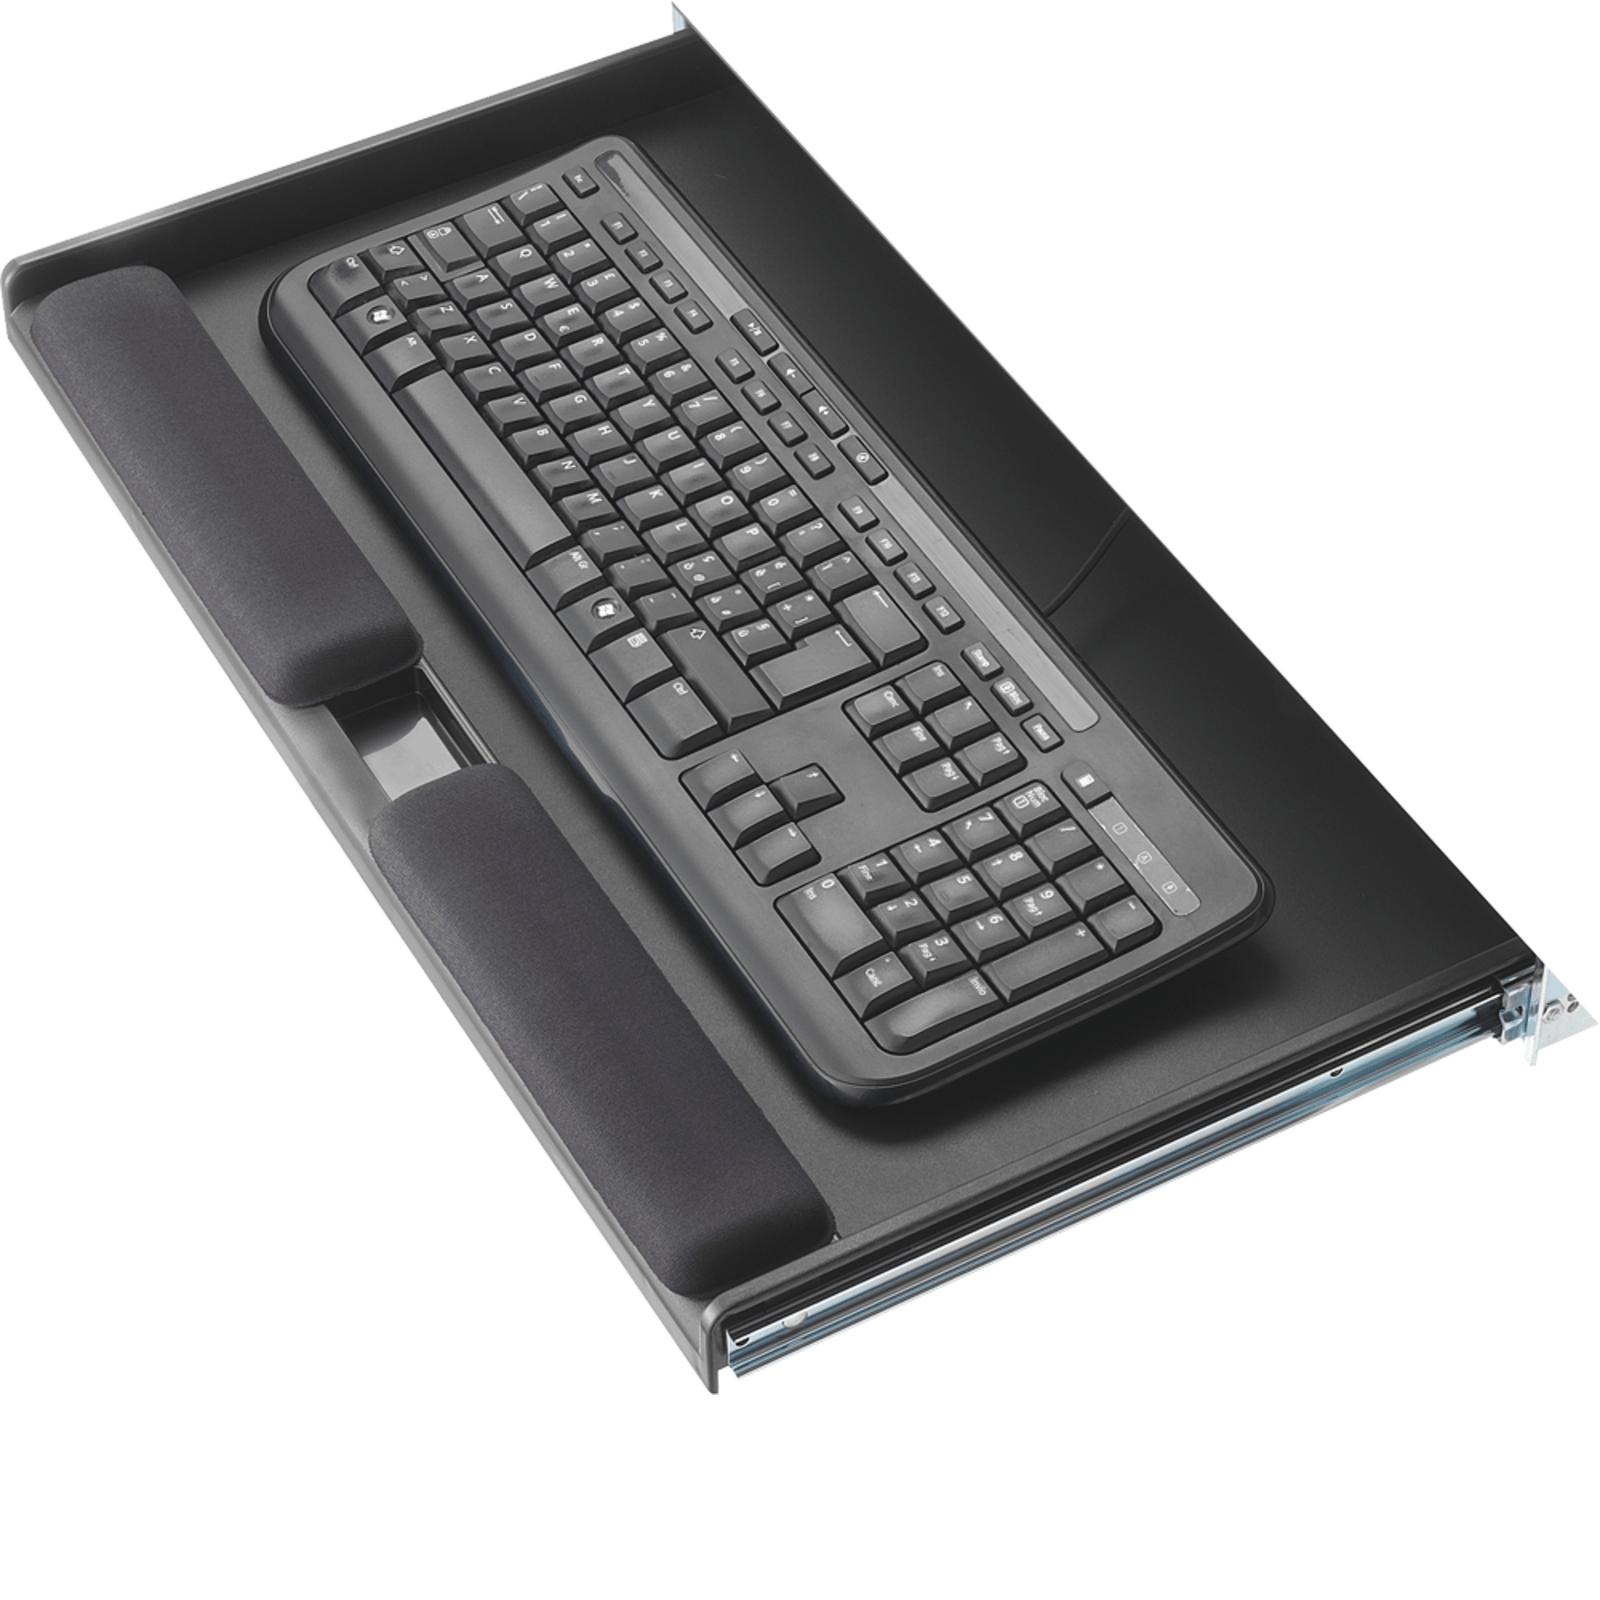 5 star untertisch tastaturschublade mit handgelenkauflage for Schreibtischplatte schwarz